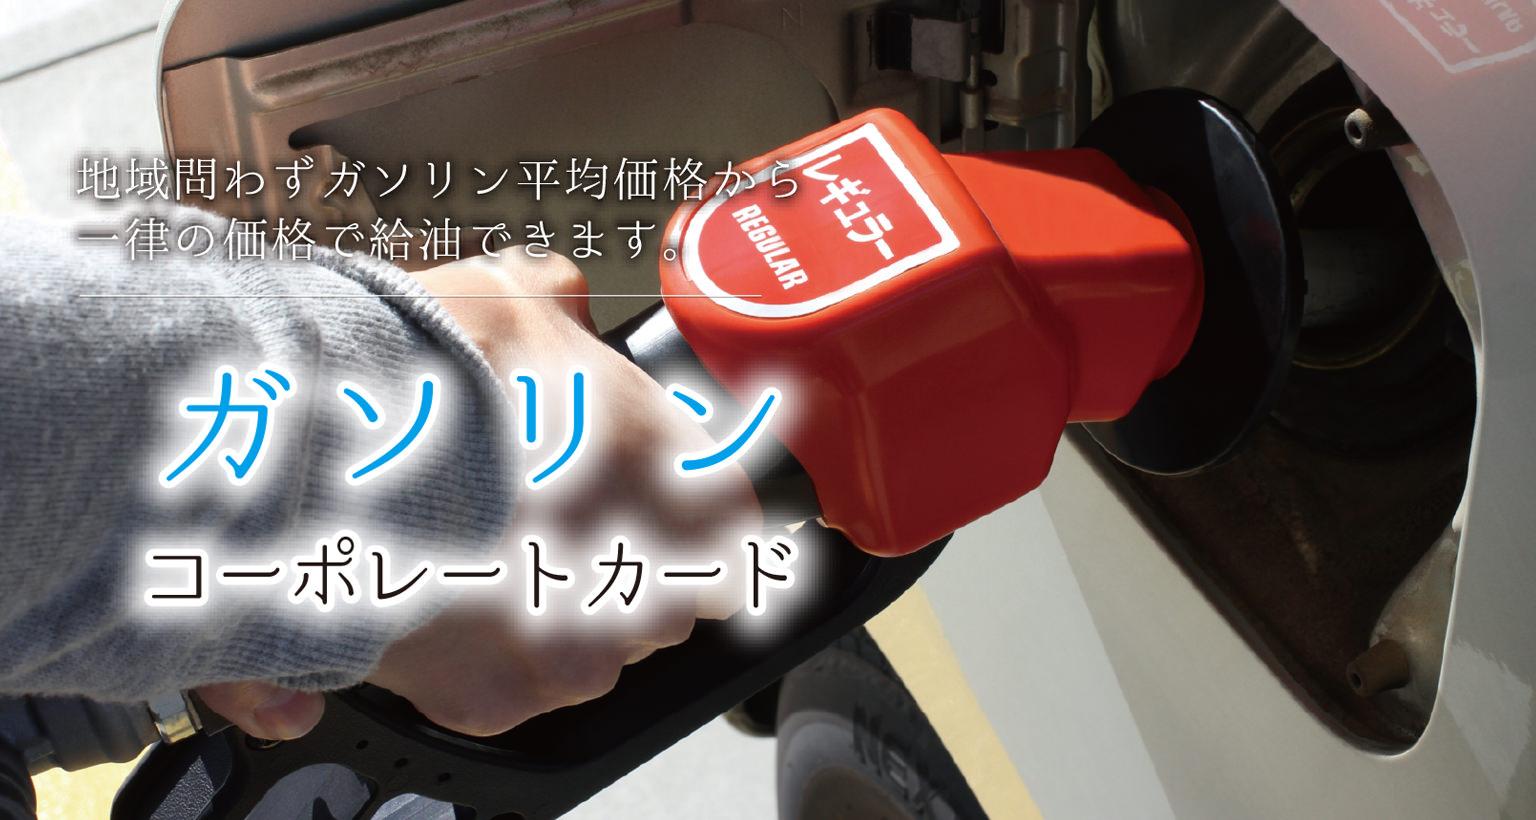 ガソリンコーポレートカード